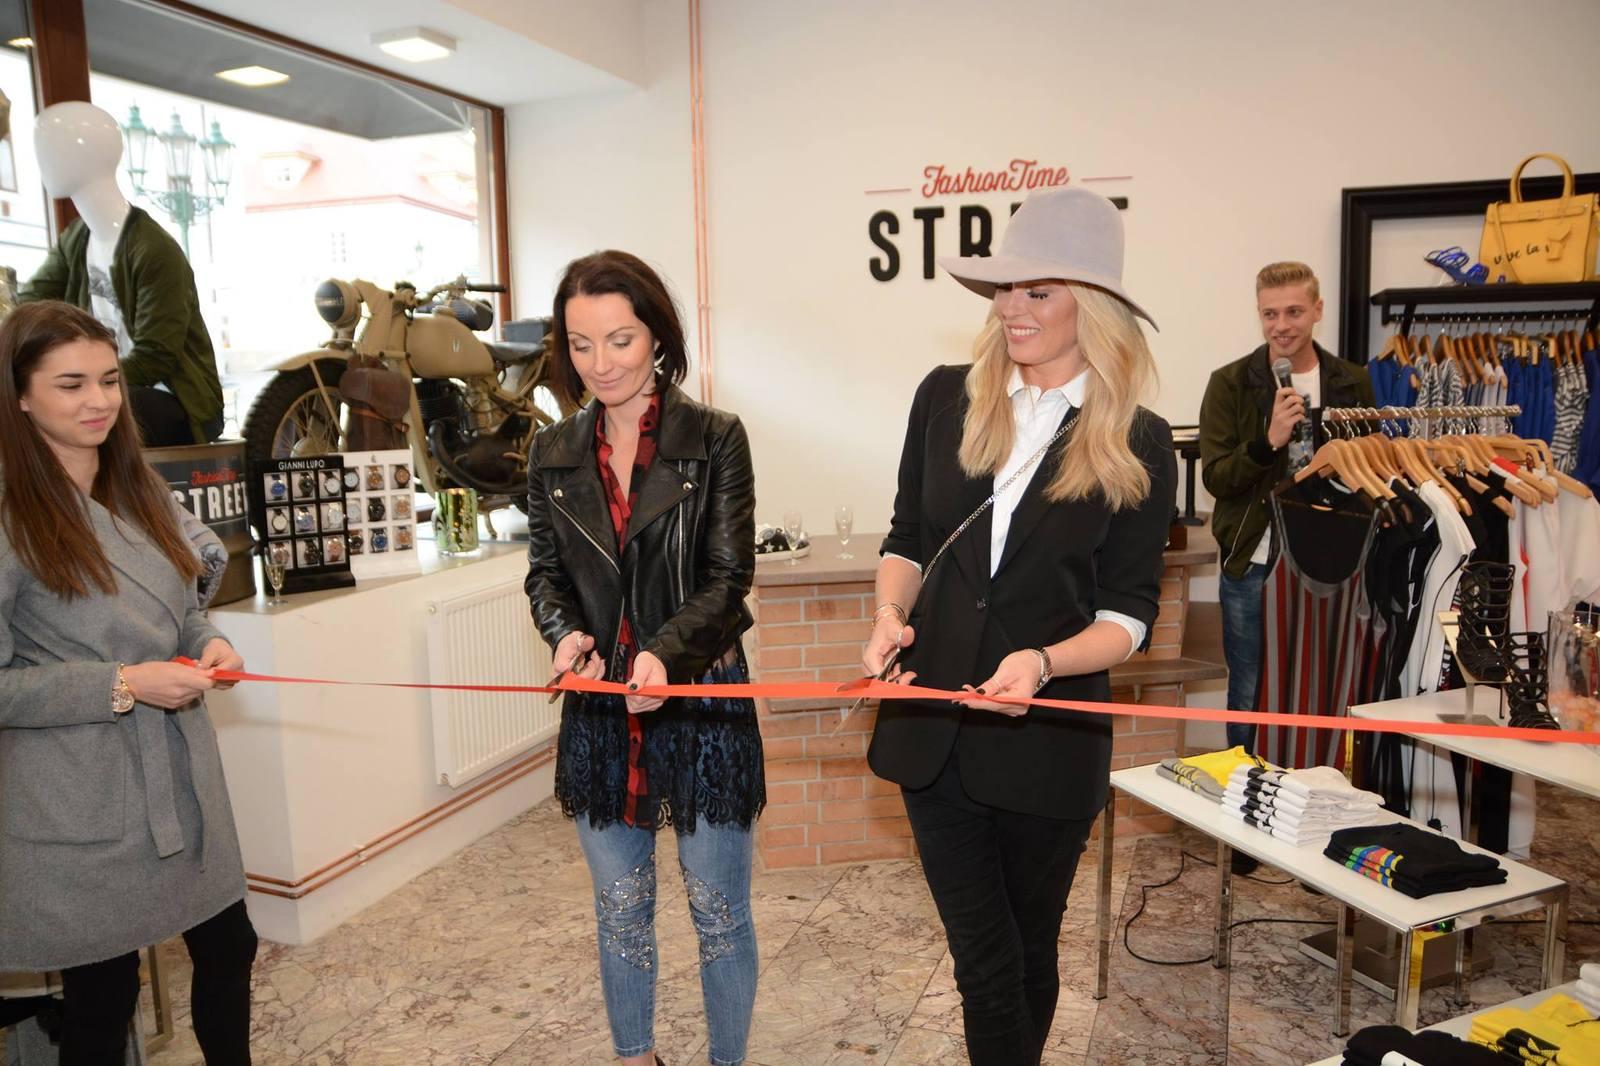 Nový příbramský módní obchod otevřela Simona Krainová 967afc5c73